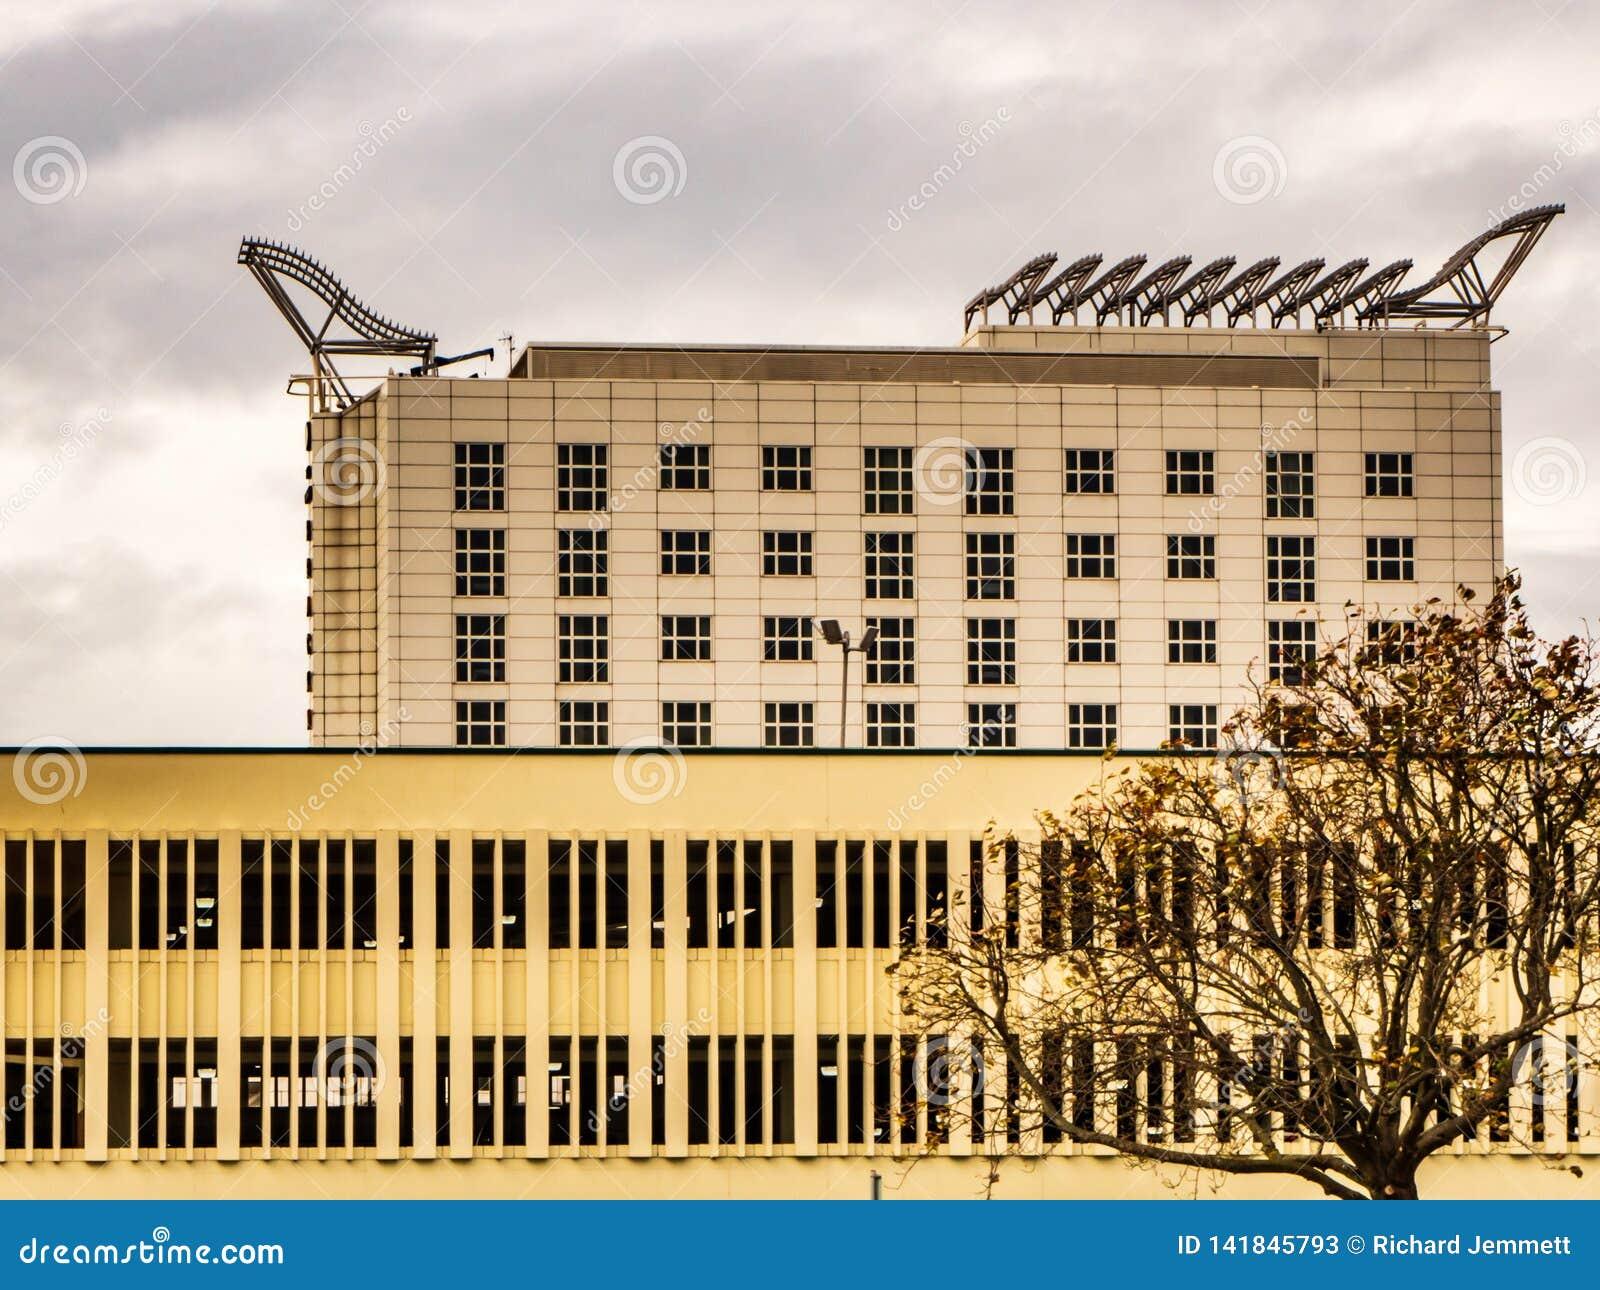 布拉克内尔,柏克夏英国2018年10月12日:现代办公楼和停车场有窗口的